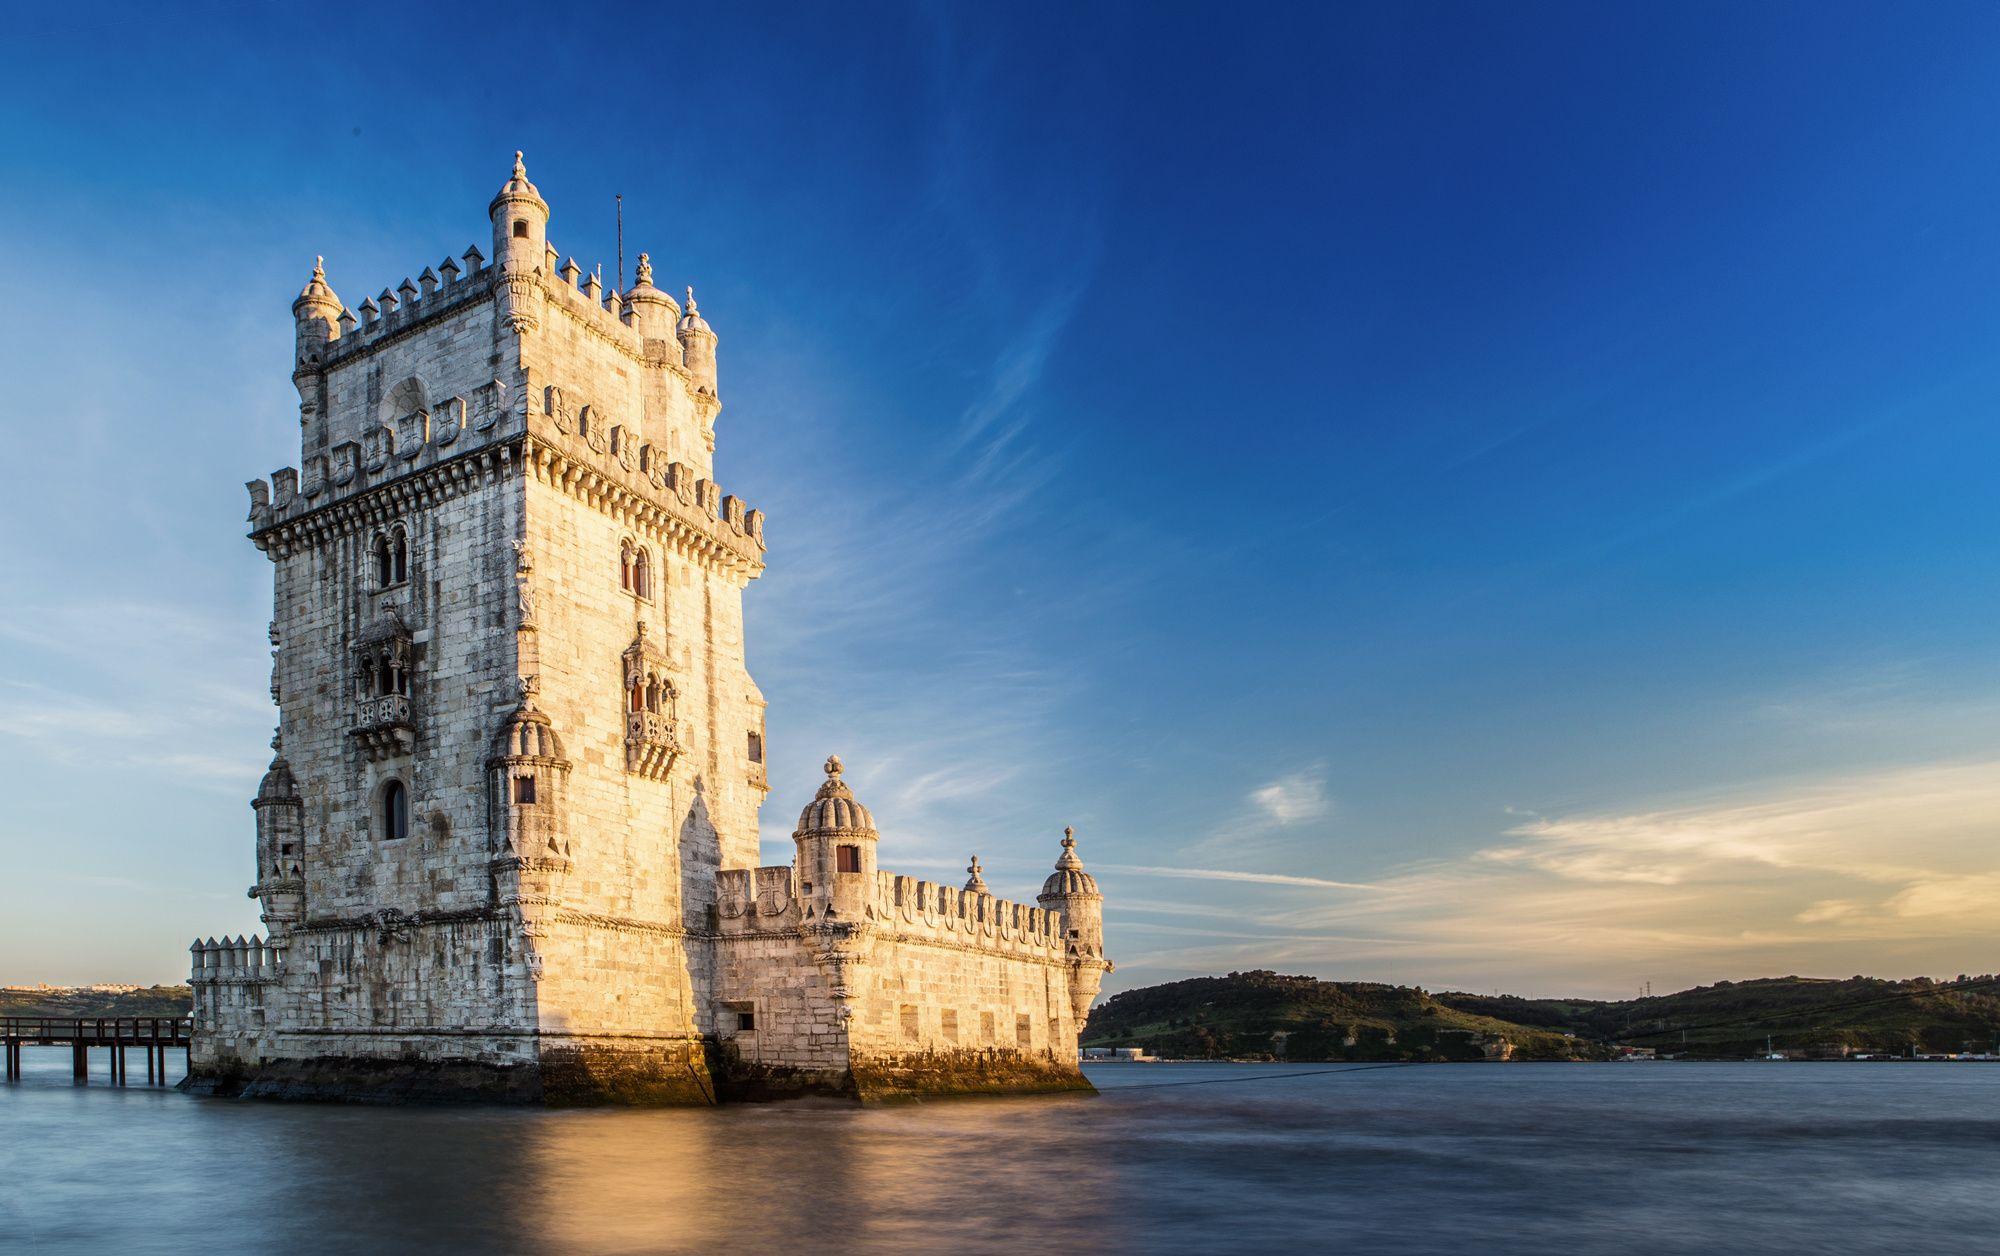 Torre de Belem fortress in Lisbon.